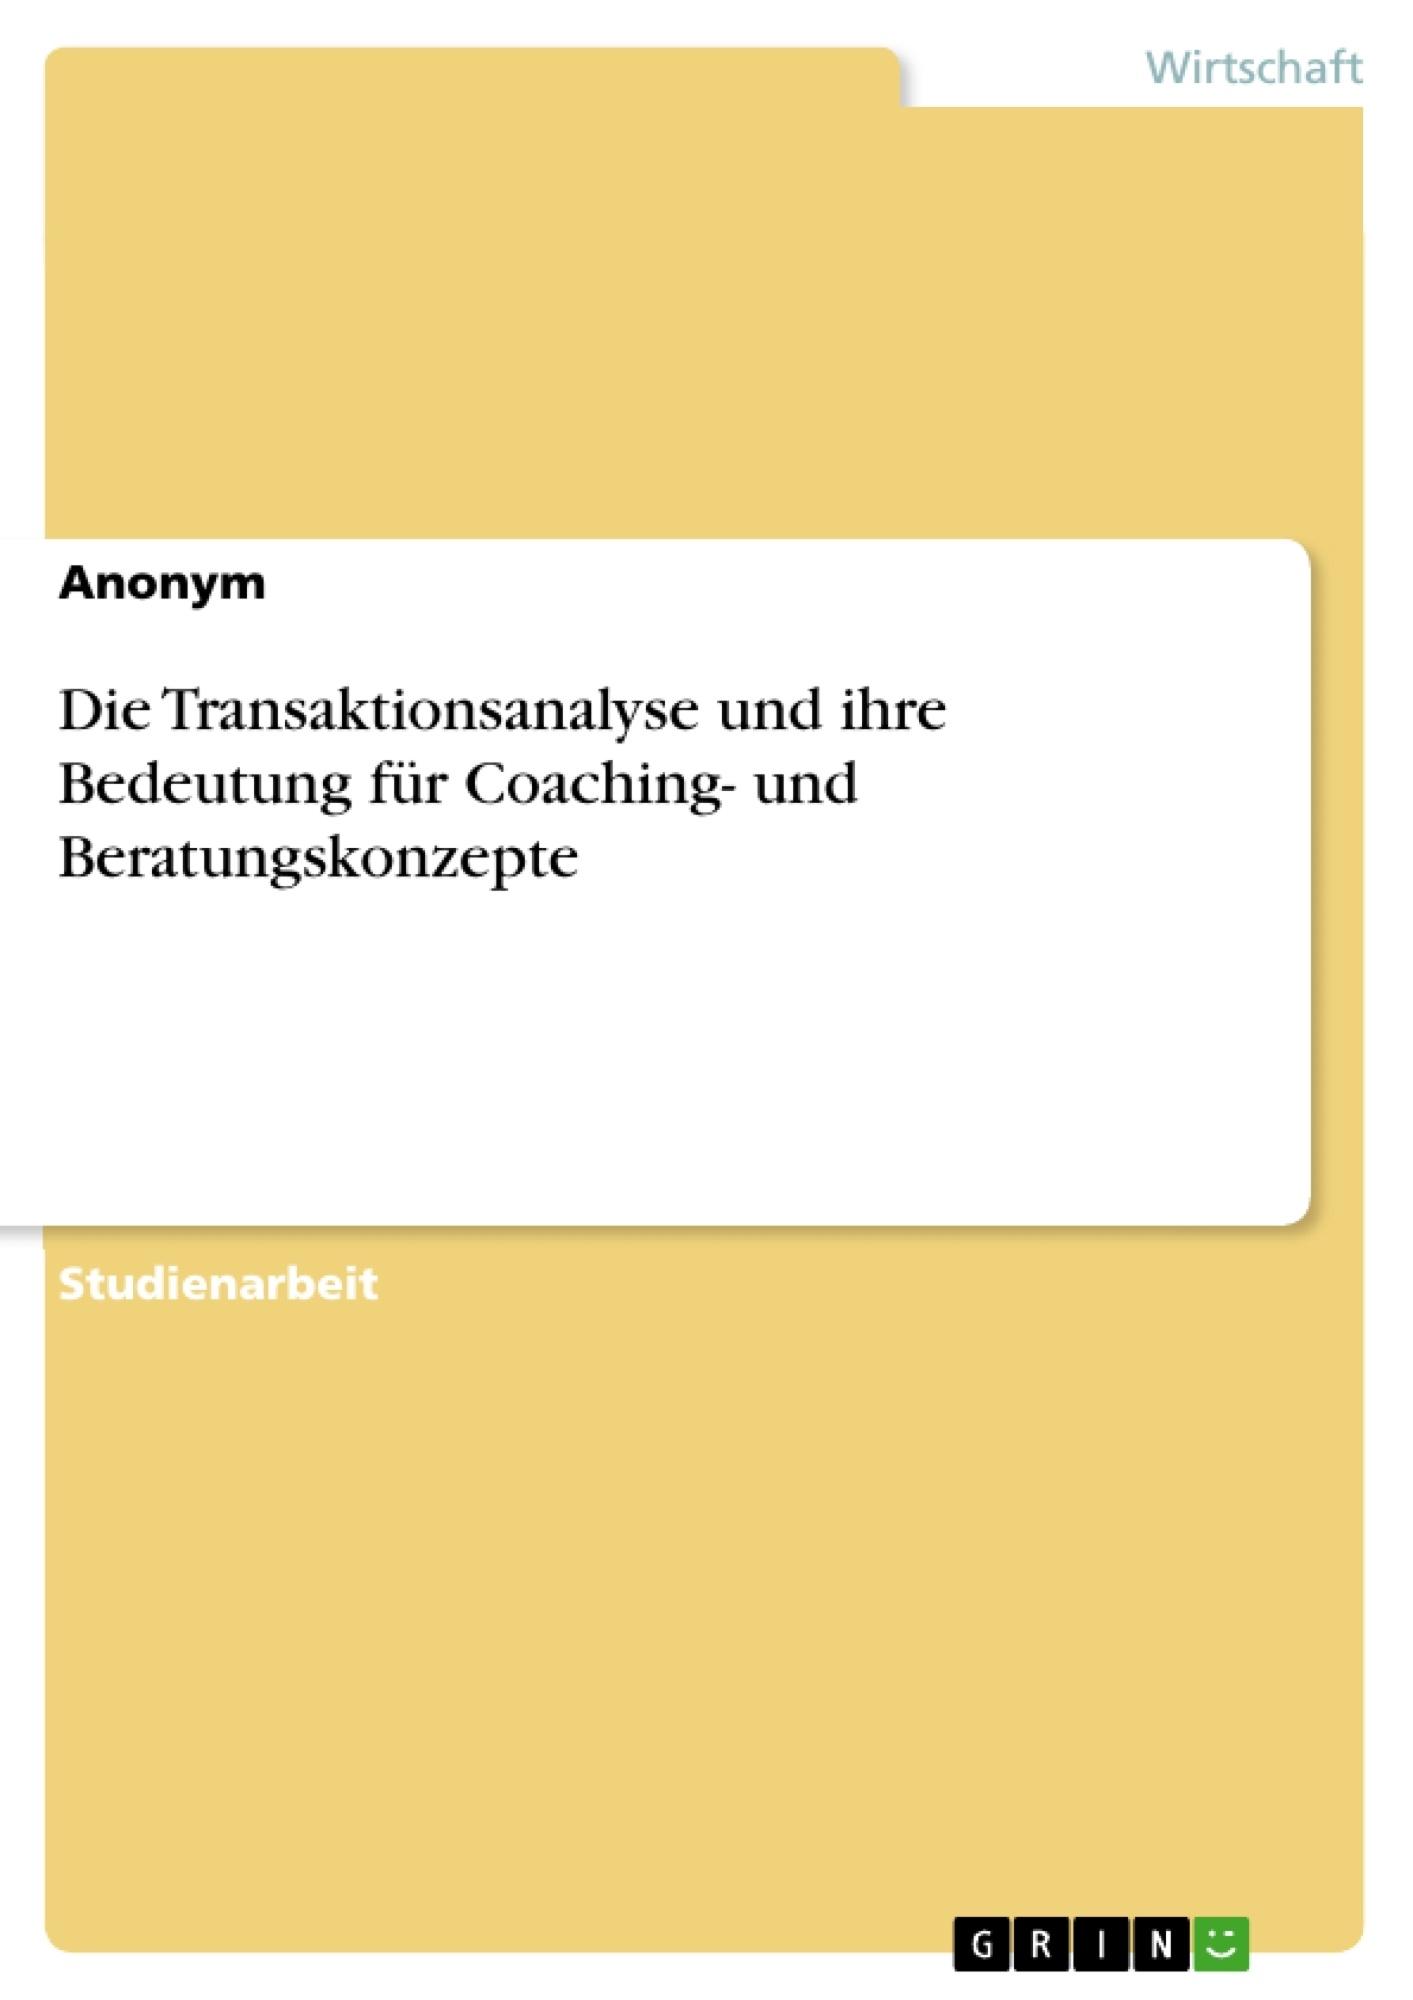 Titel: Die Transaktionsanalyse und ihre Bedeutung für Coaching- und Beratungskonzepte